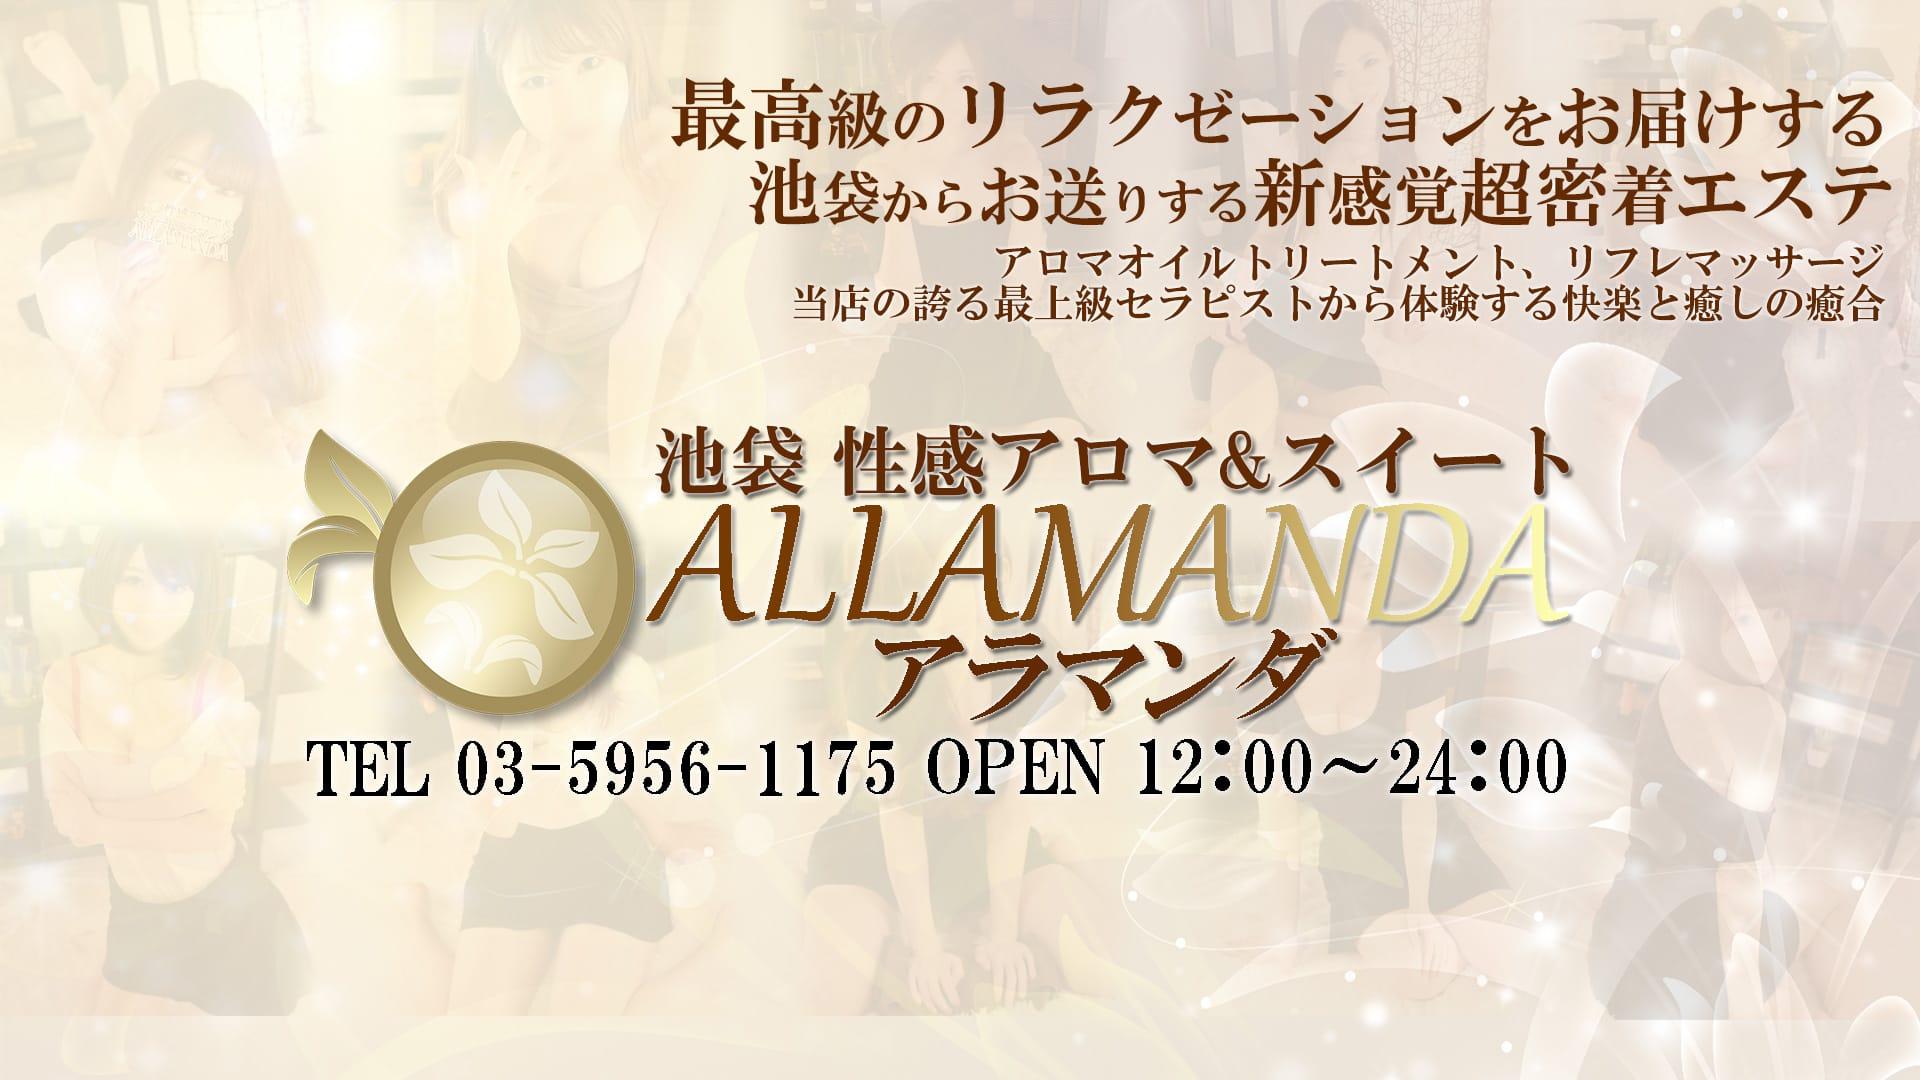 ALLAMANDA-アラマンダ- 池袋店